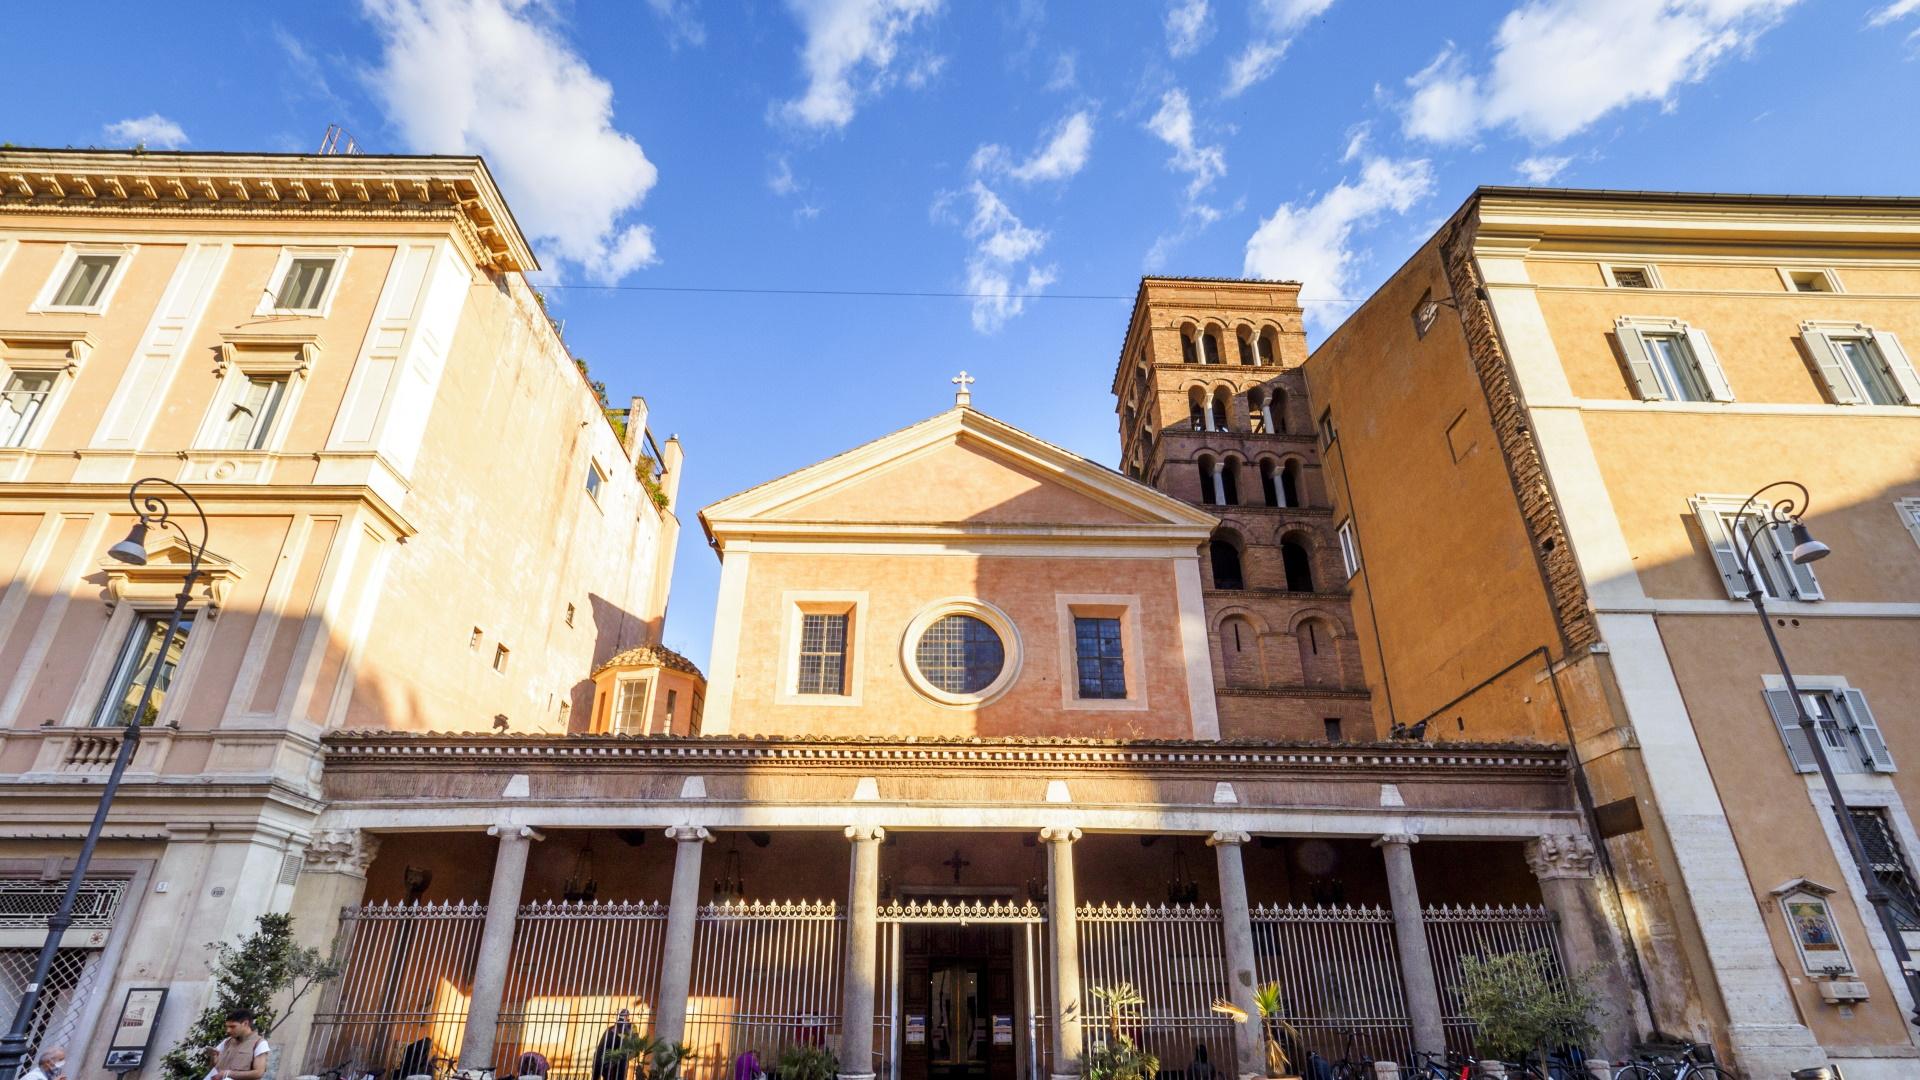 Basilica di San Lorenzo in Lucina